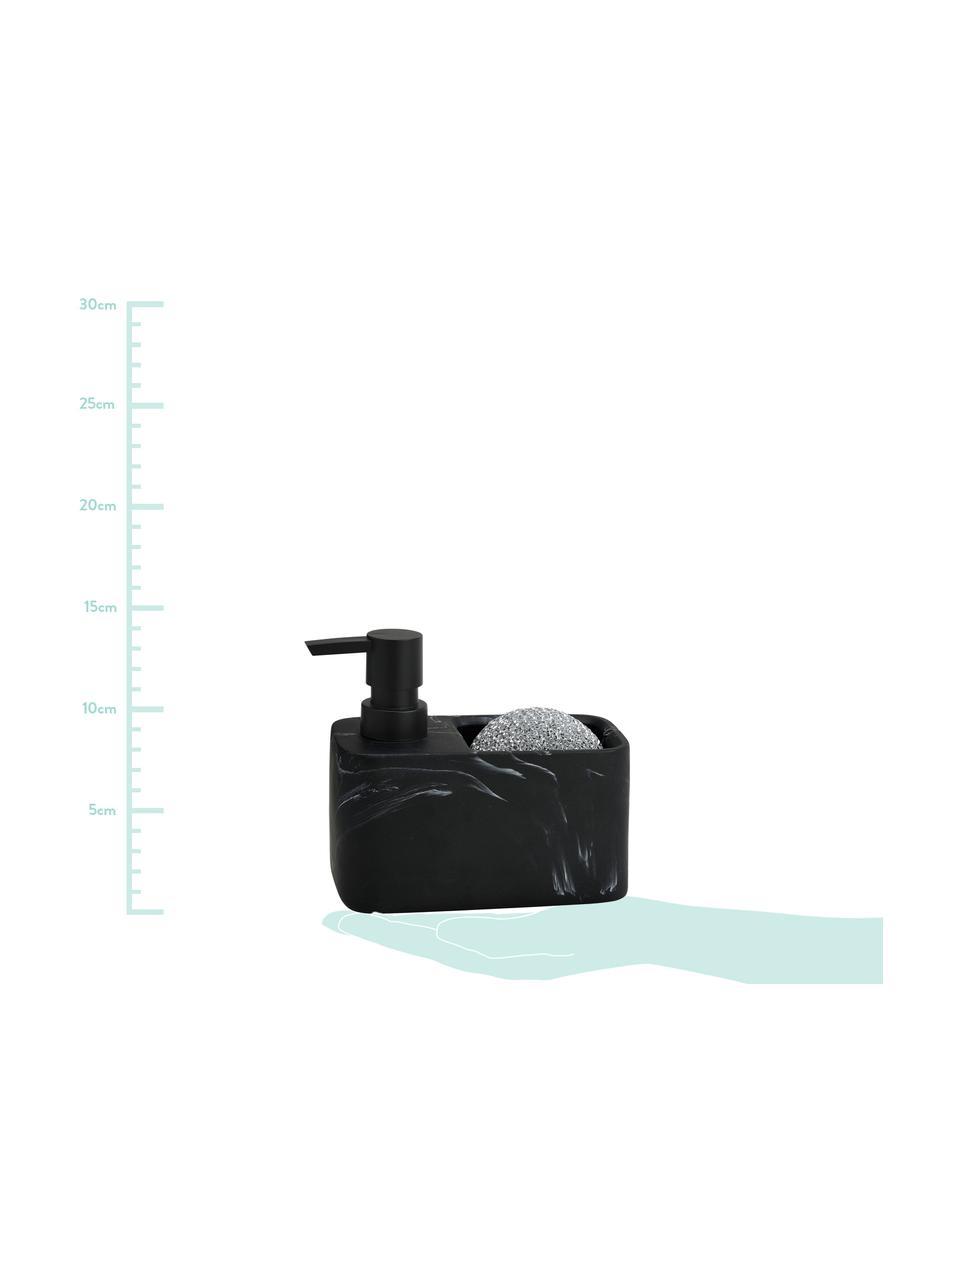 Seifenspender Galia in Marmoroptik mit Schwamm, 2er-Set, Behälter: Polyresin, Pumpkopf: Kunststoff, Metallschwamm: Metall, Schwarz, marmoriert, Silberfarben, 15 x 14 cm